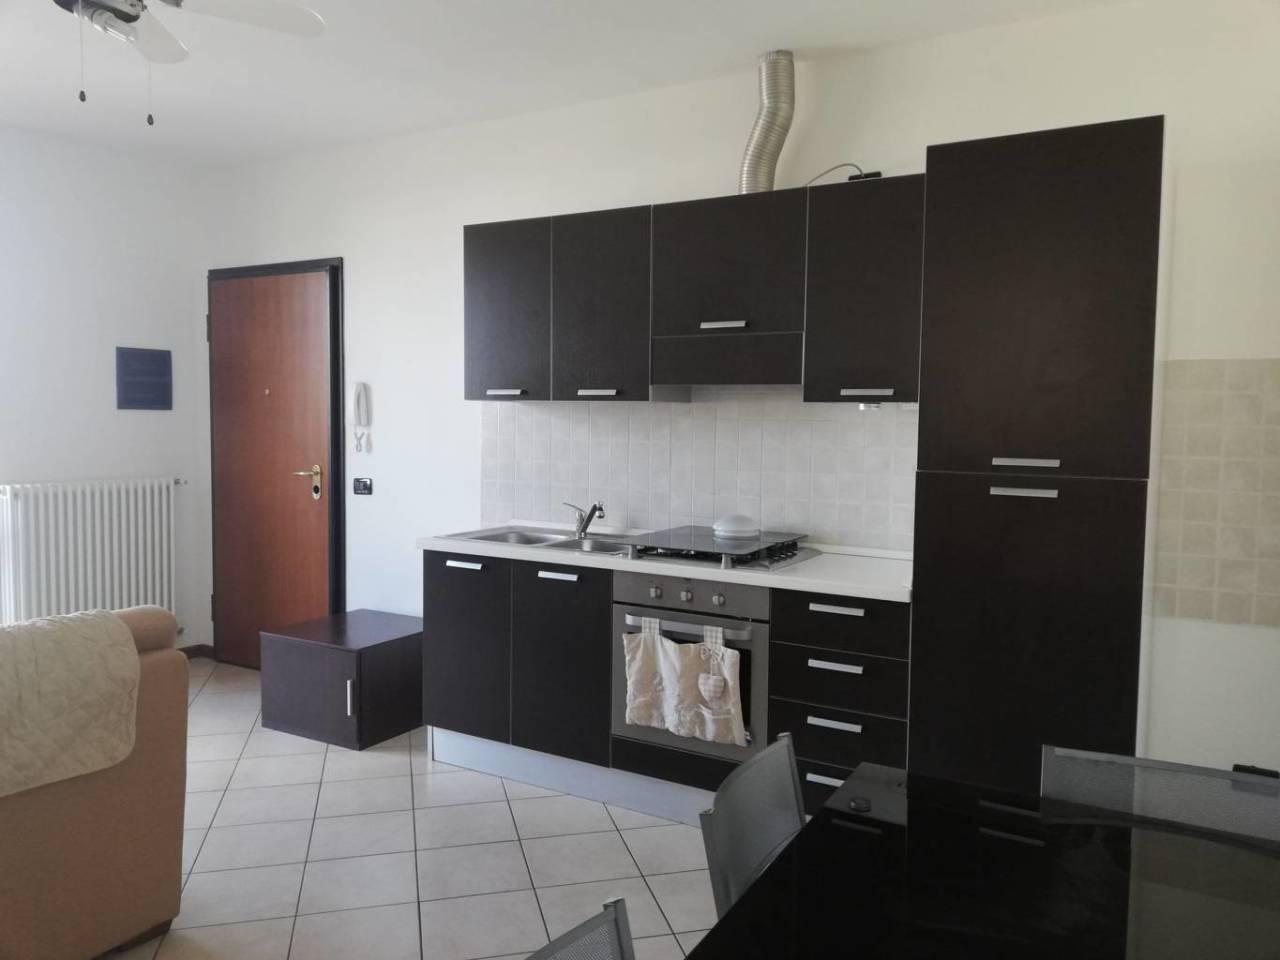 Appartamento in affitto a Chiari, 3 locali, prezzo € 550 | CambioCasa.it